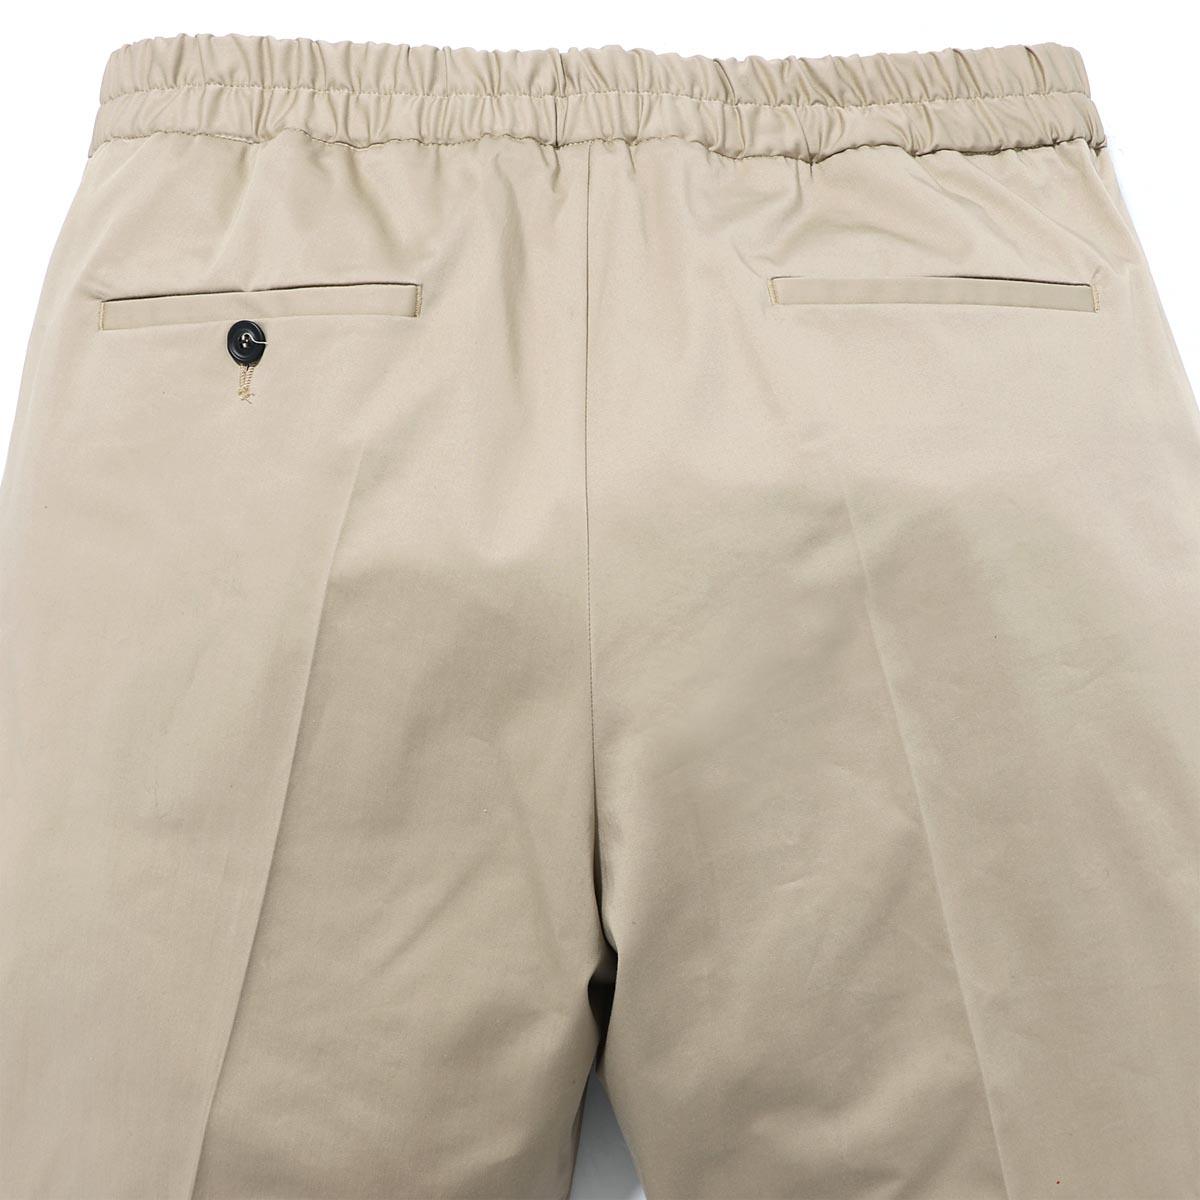 【アウトレット】T-JACKET ティージャケット シングル 2つボタンスーツ/MAN FIT T-SUIT メンズ